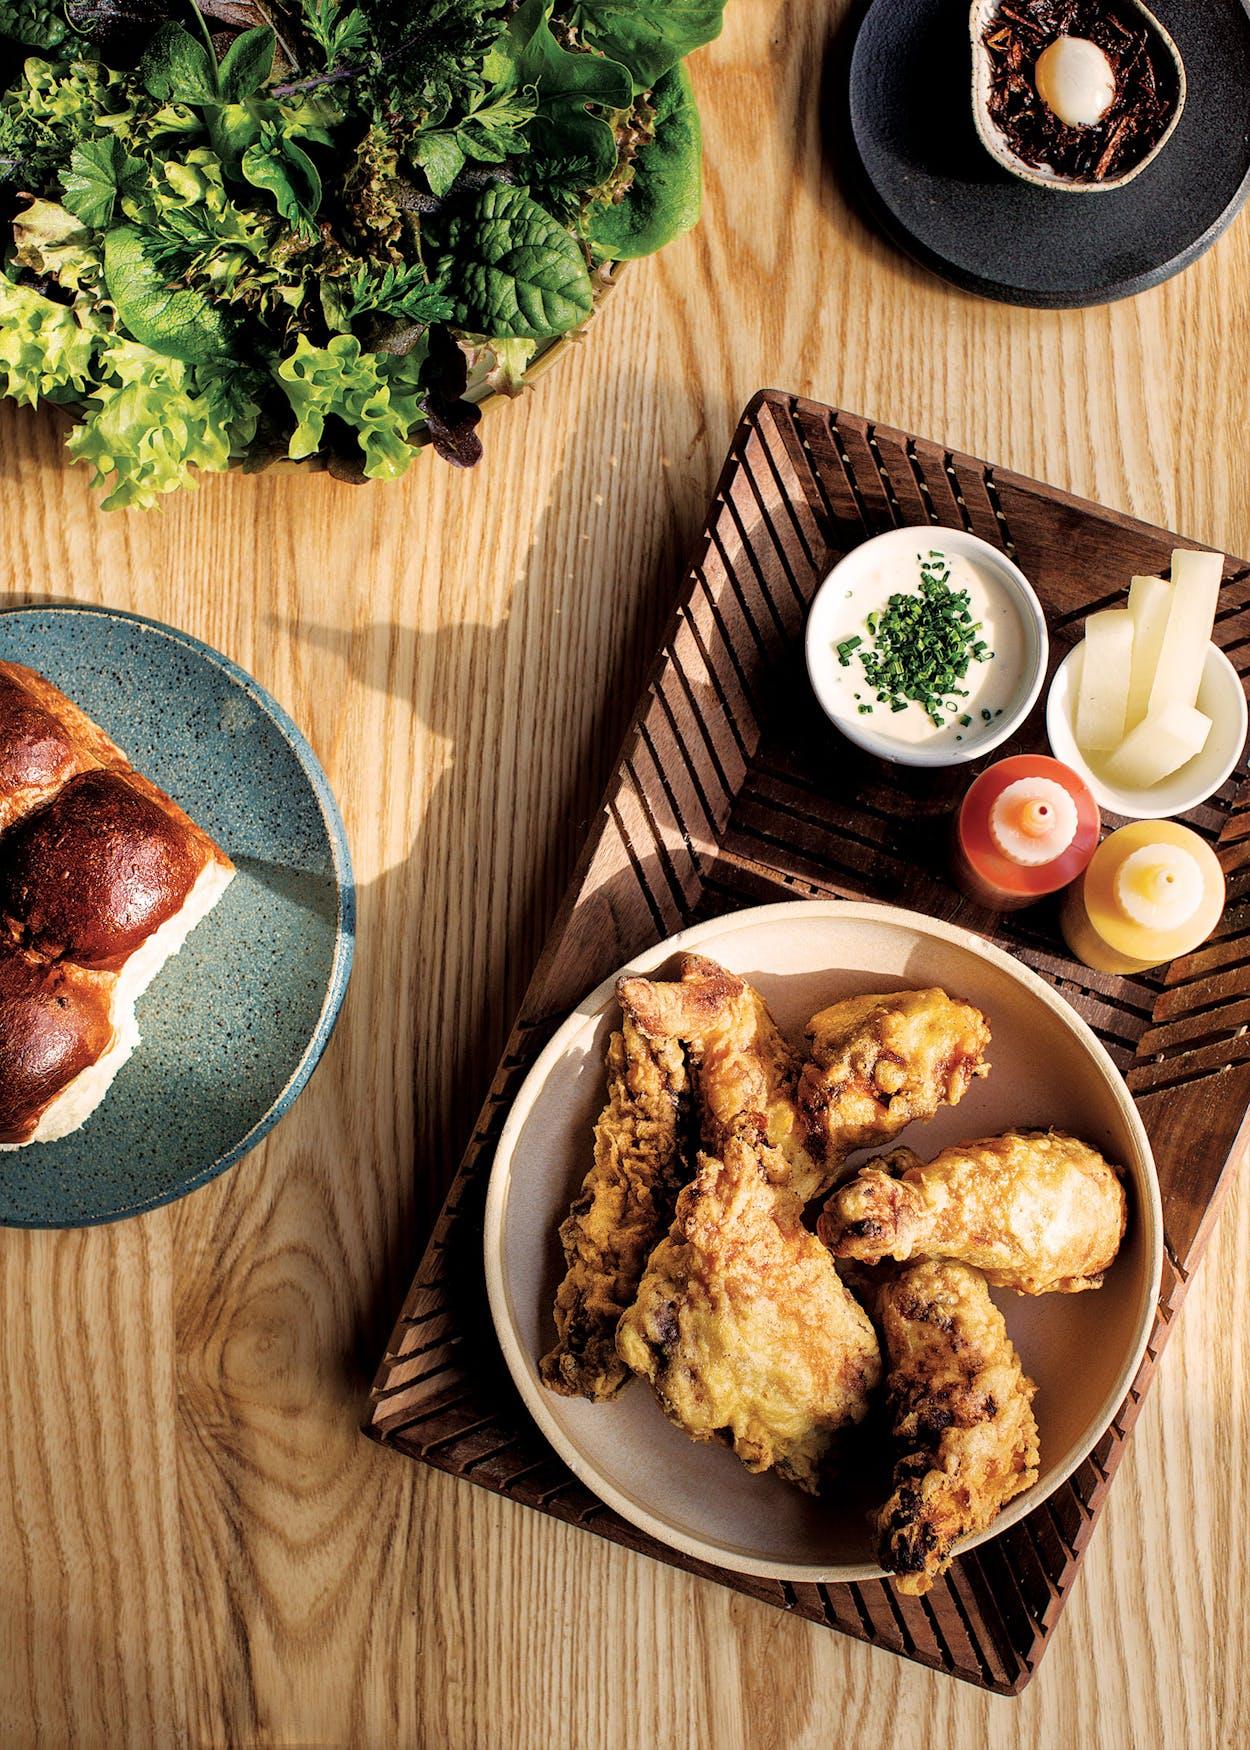 Fried Chicken Pitchfork Pretty